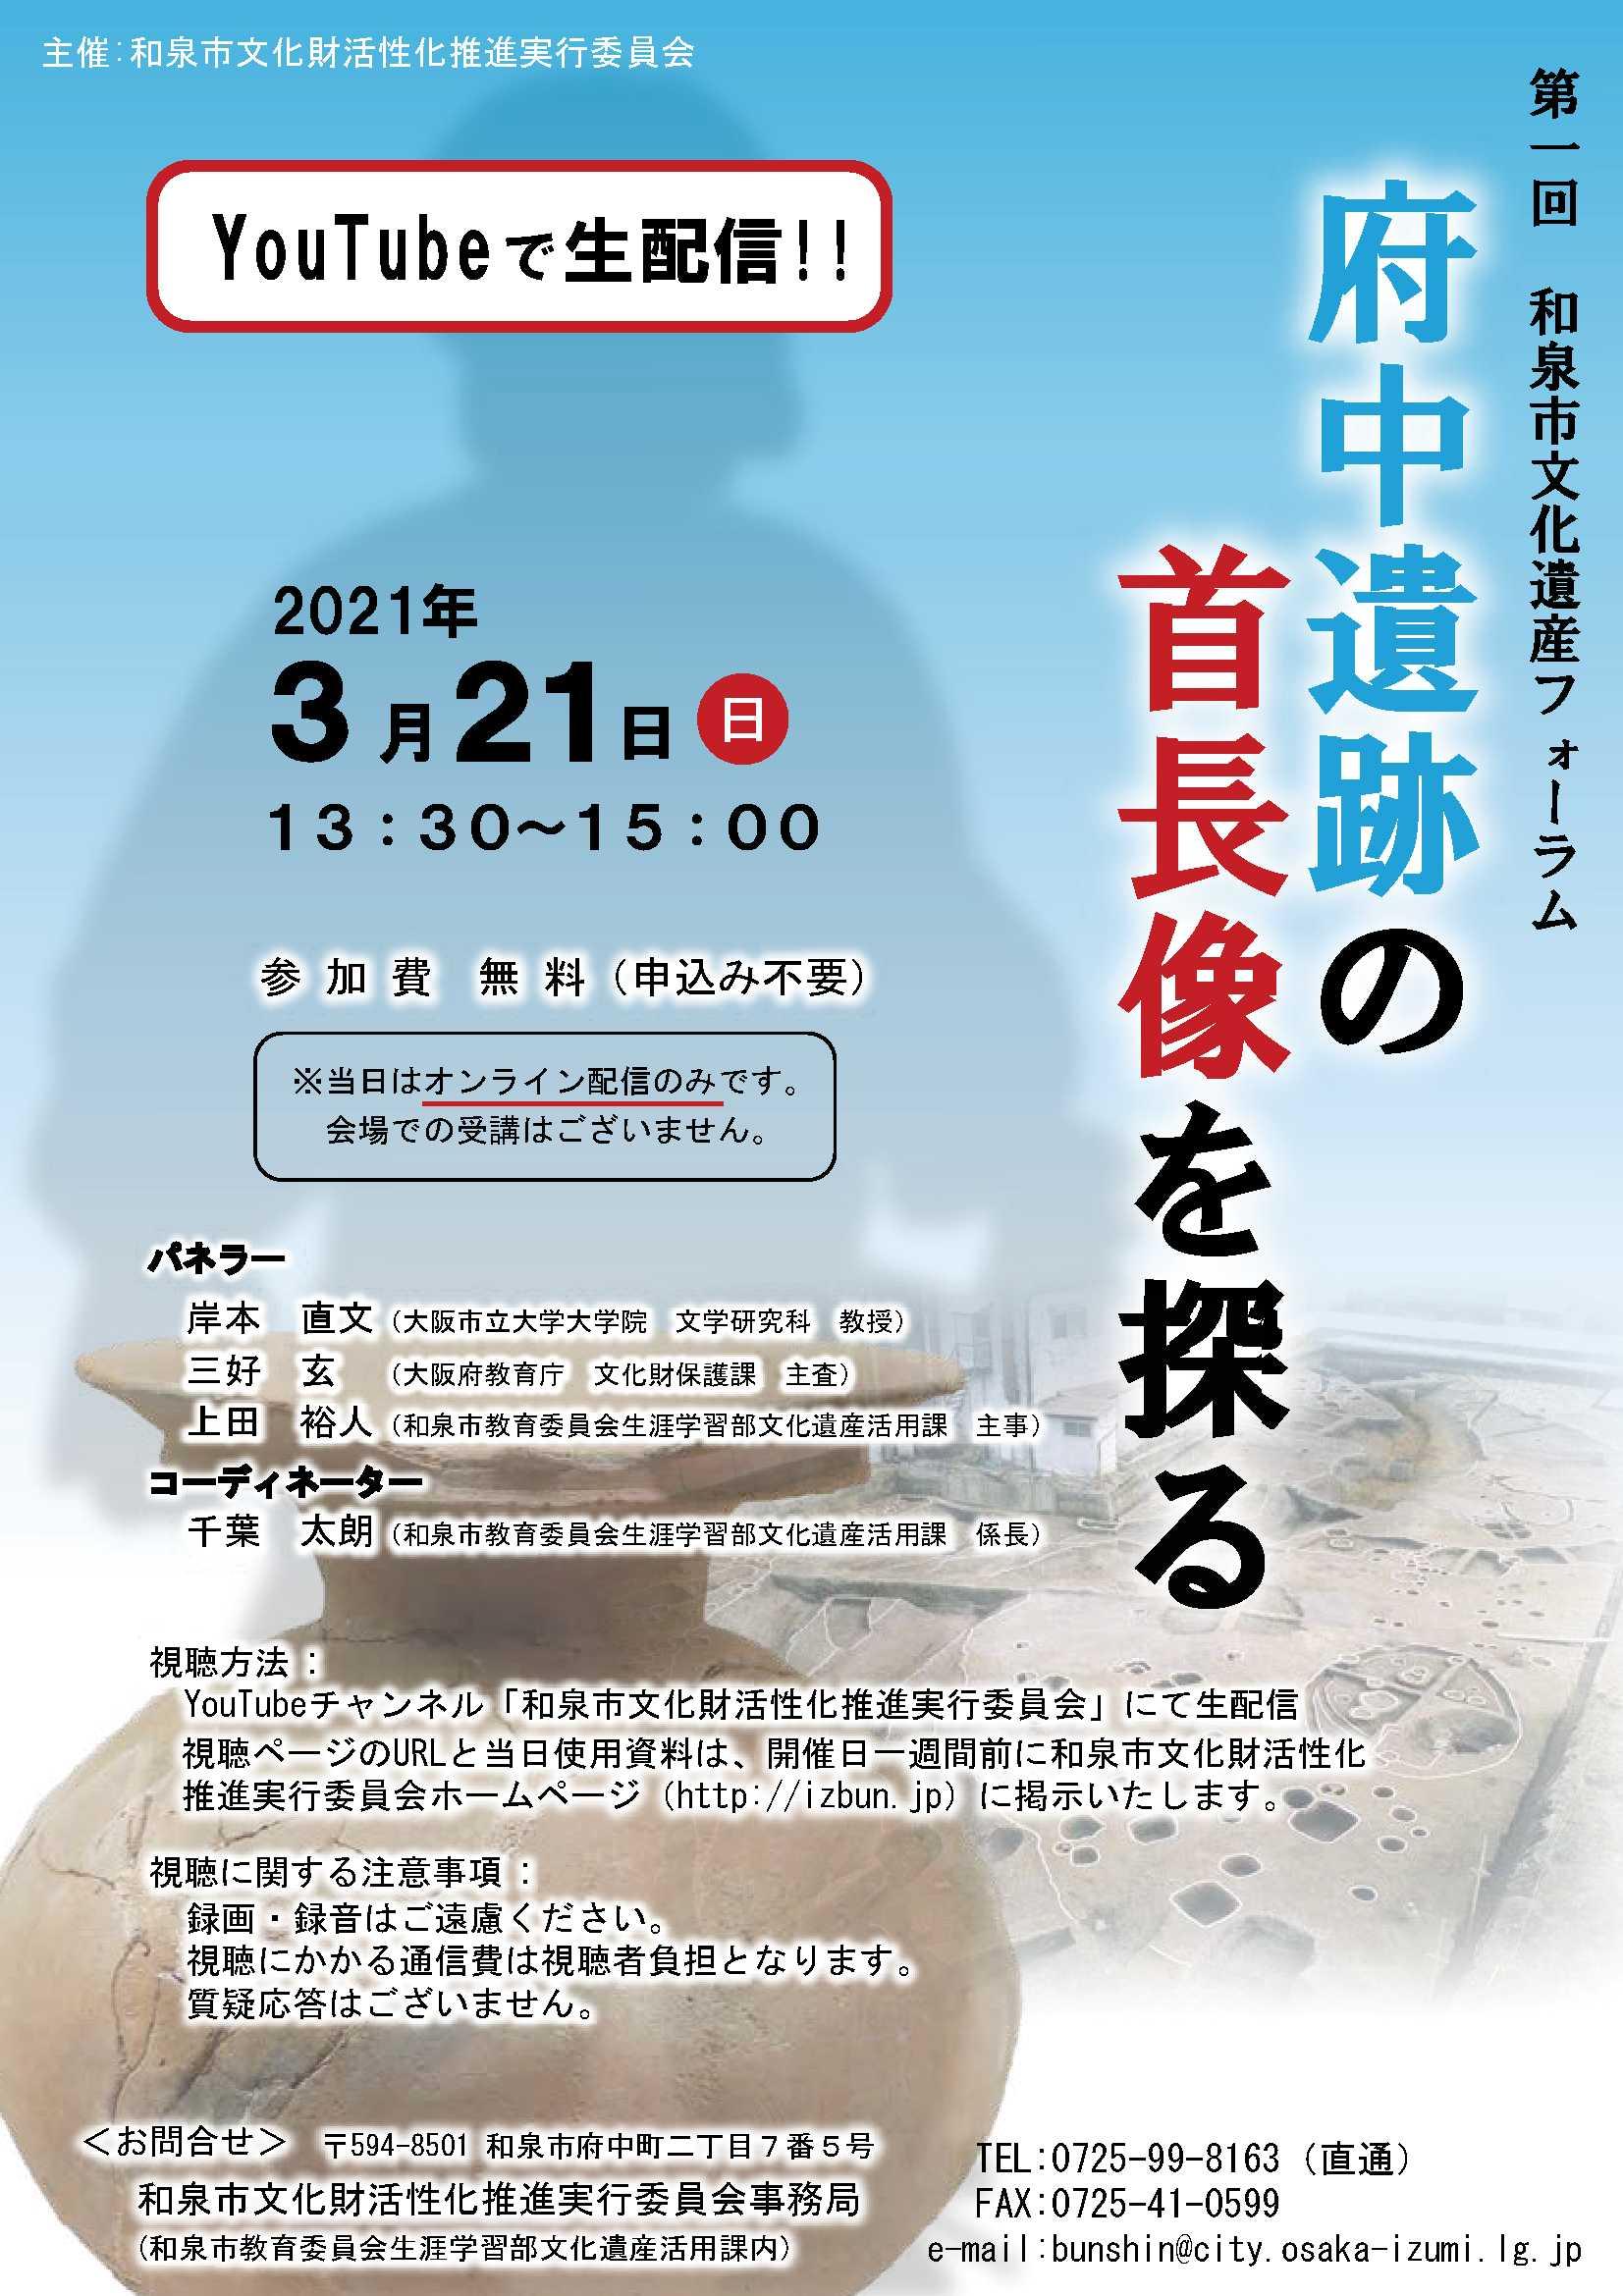 【終了】2021年3月21日(日)第1回和泉市文化遺産フォーラム 「府中遺跡の首長像を探る」